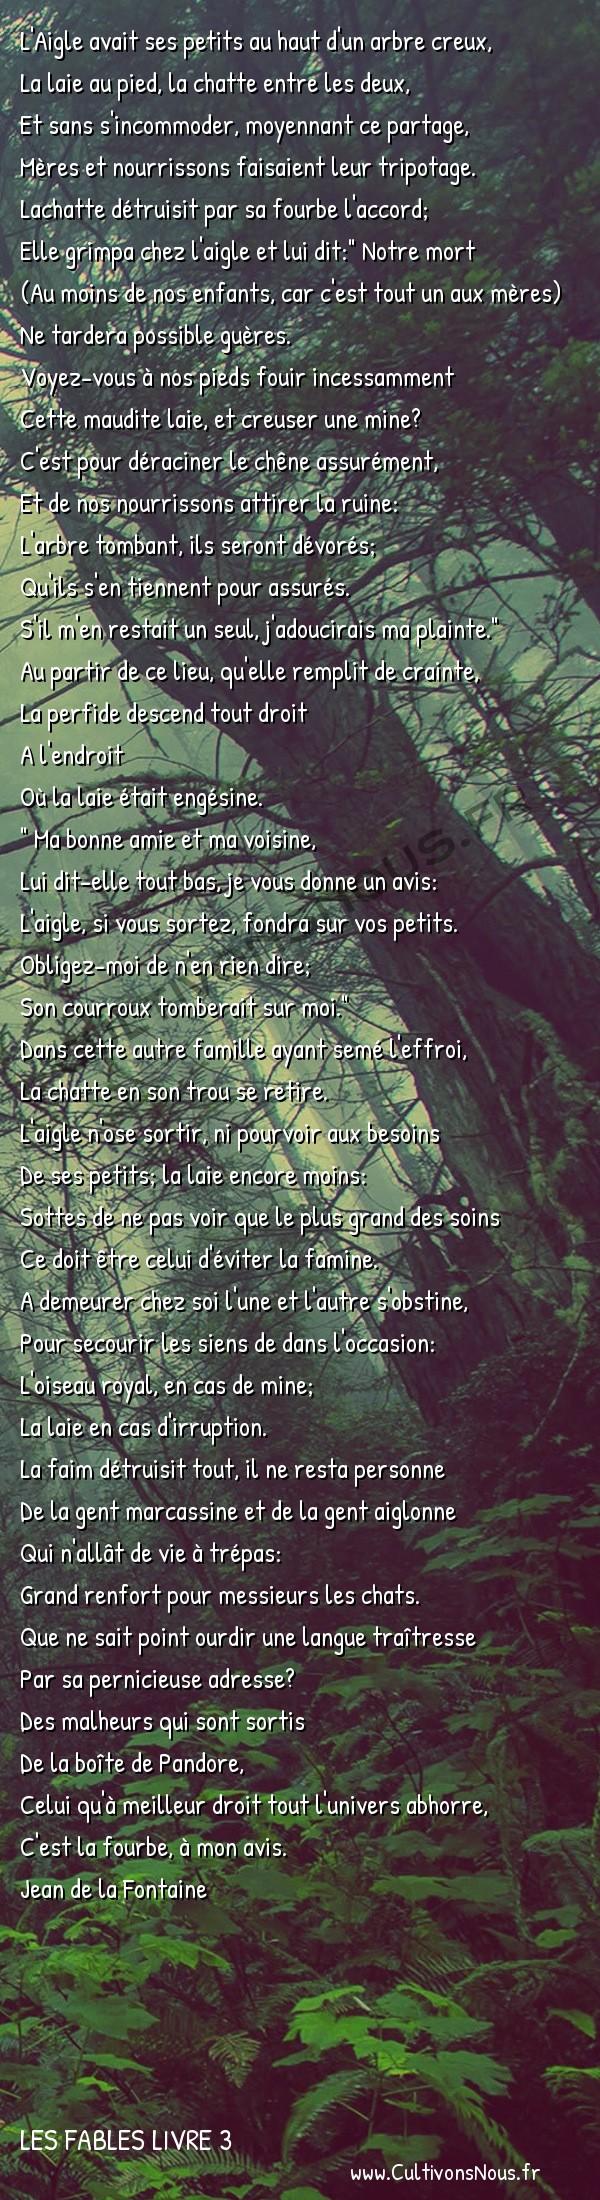 Fables Jean de la Fontaine - Les fables Livre 3 - L' Aigle la Laie et la Chatte -   L'Aigle avait ses petits au haut d'un arbre creux, La laie au pied, la chatte entre les deux,